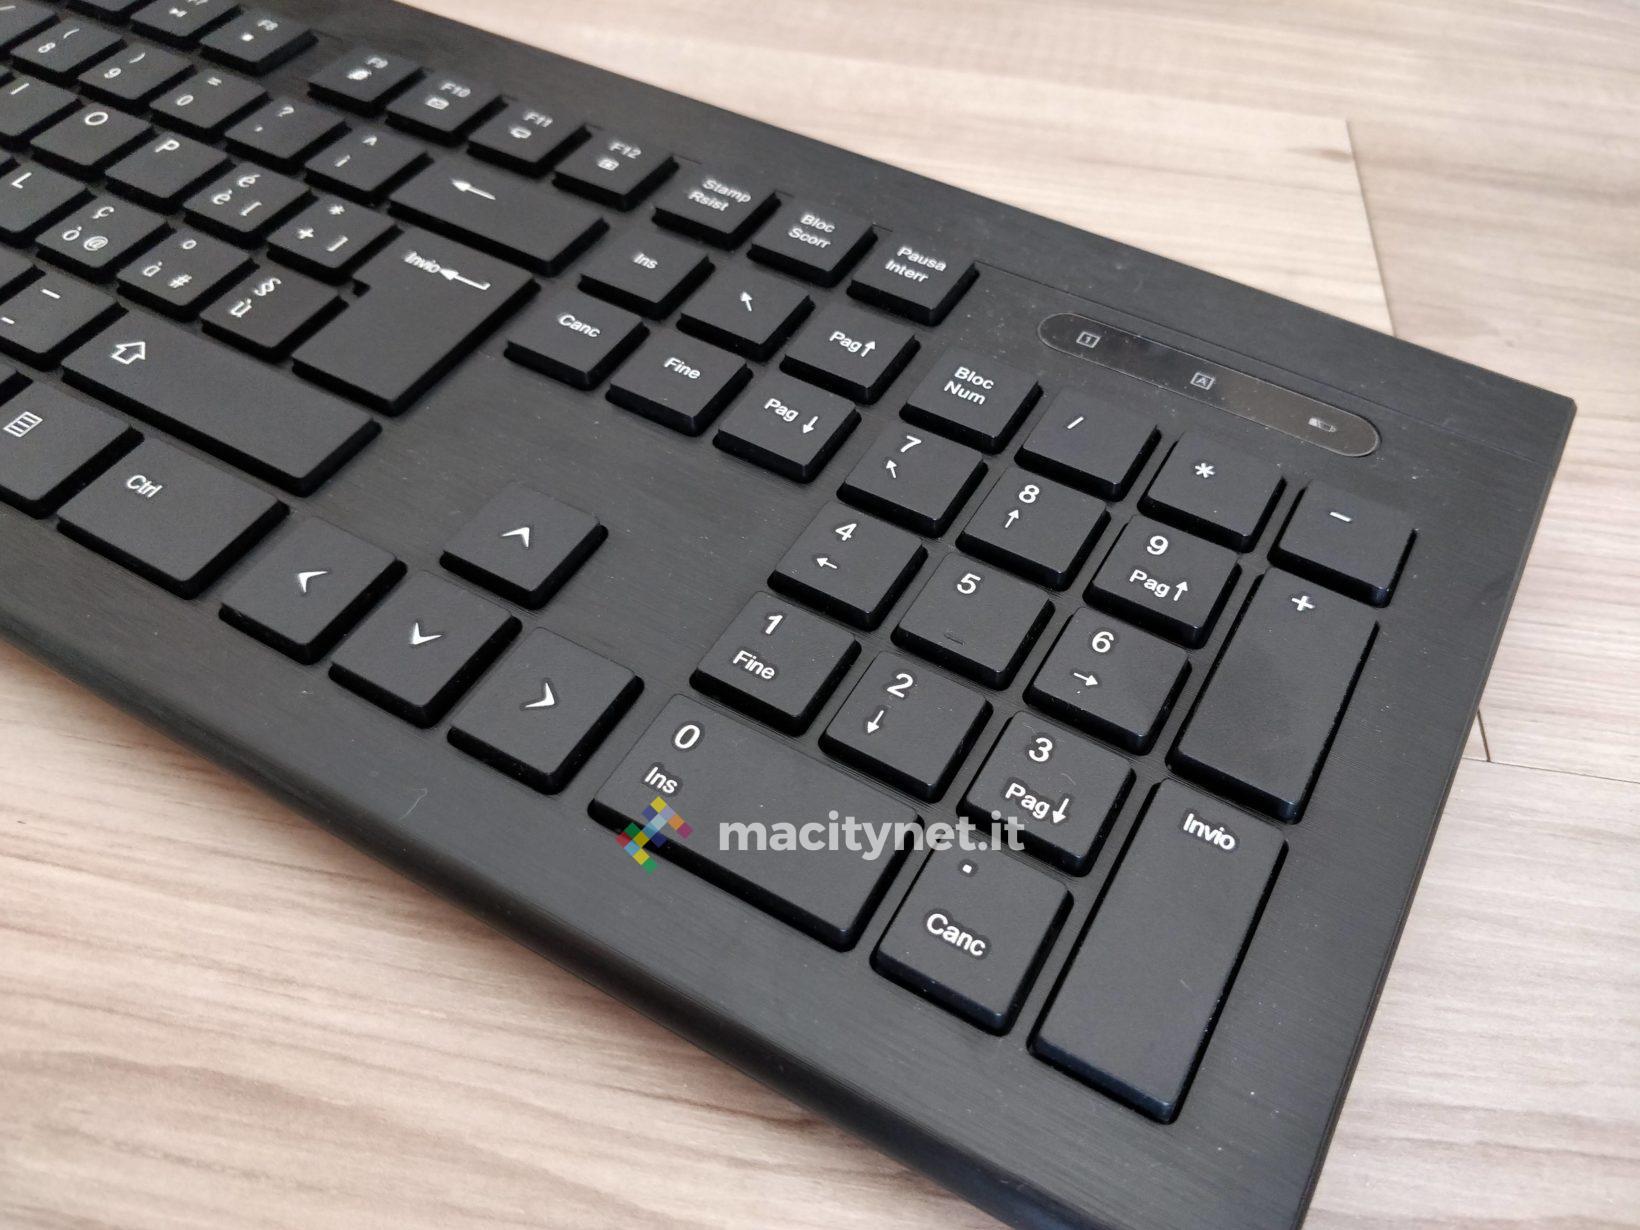 Recensione tastiera e mouse wireless Topolek, giusto prezzo